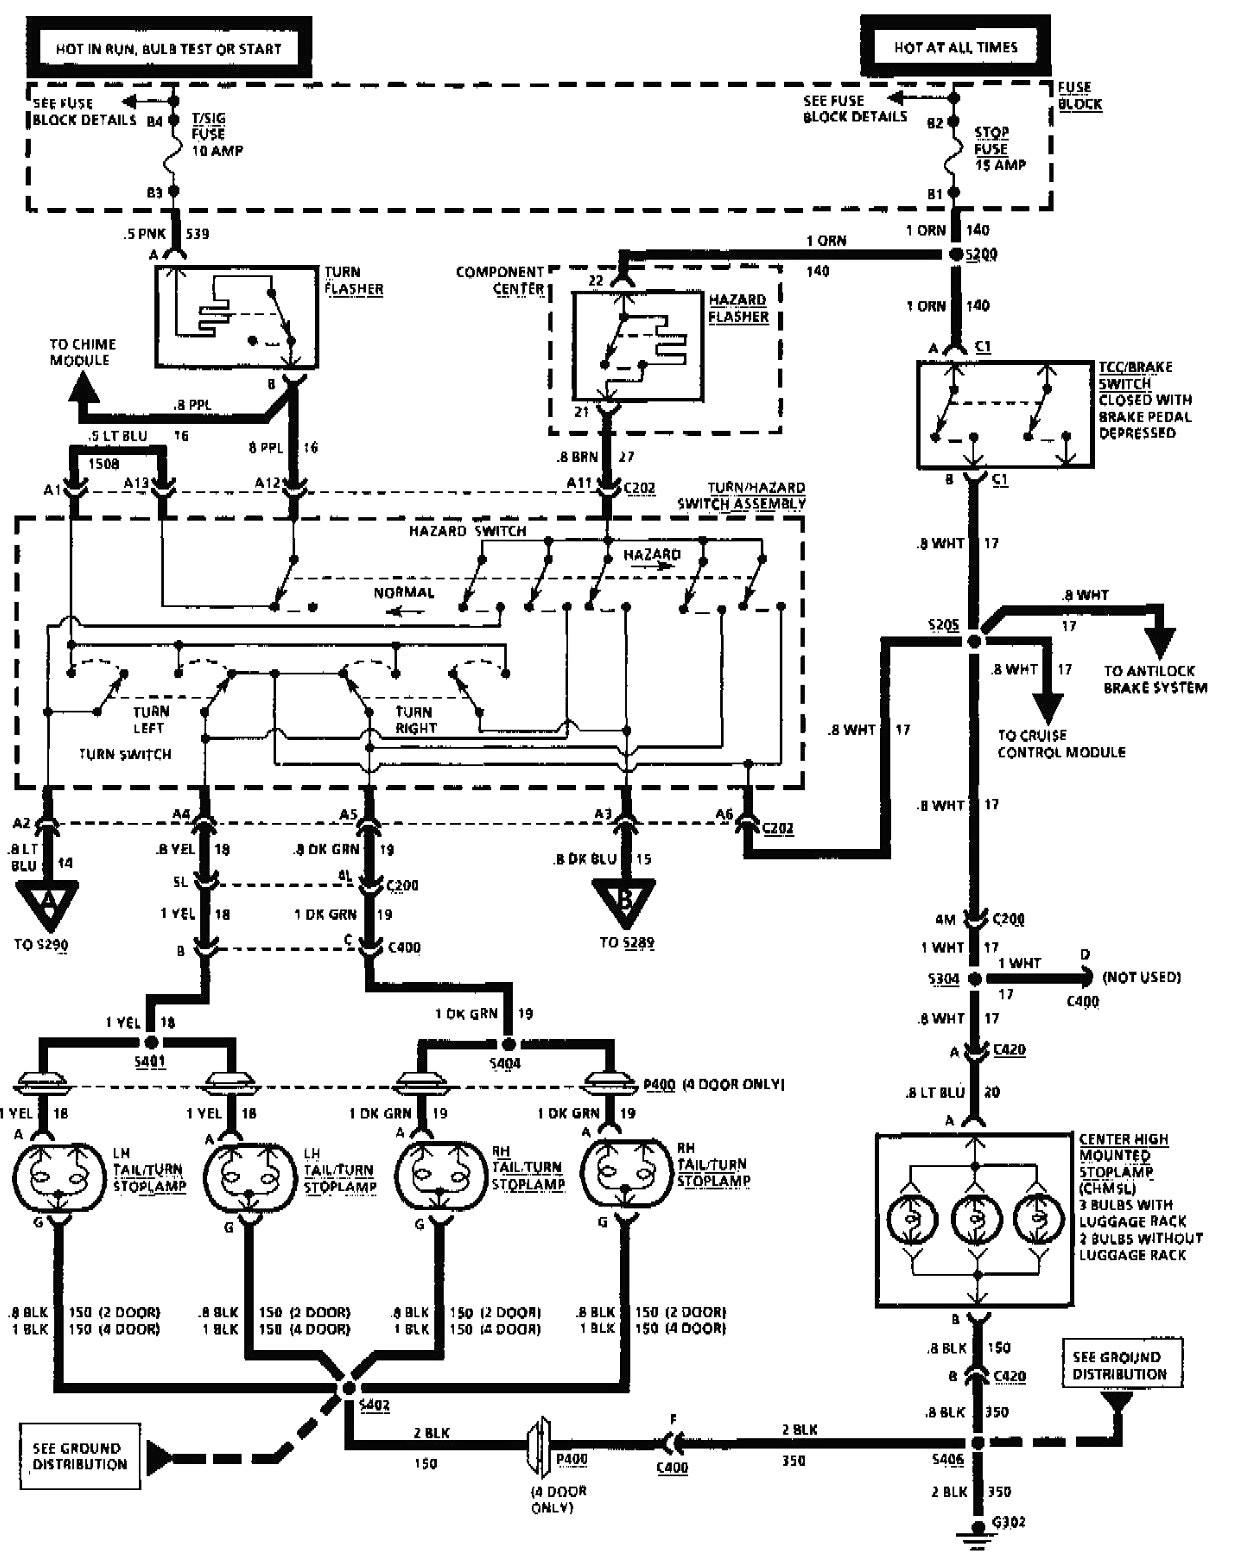 Third Brake Light Wiring Diagram Brake Light Switch Wiring Diagram New Third Brake Light Wiring Of Third Brake Light Wiring Diagram